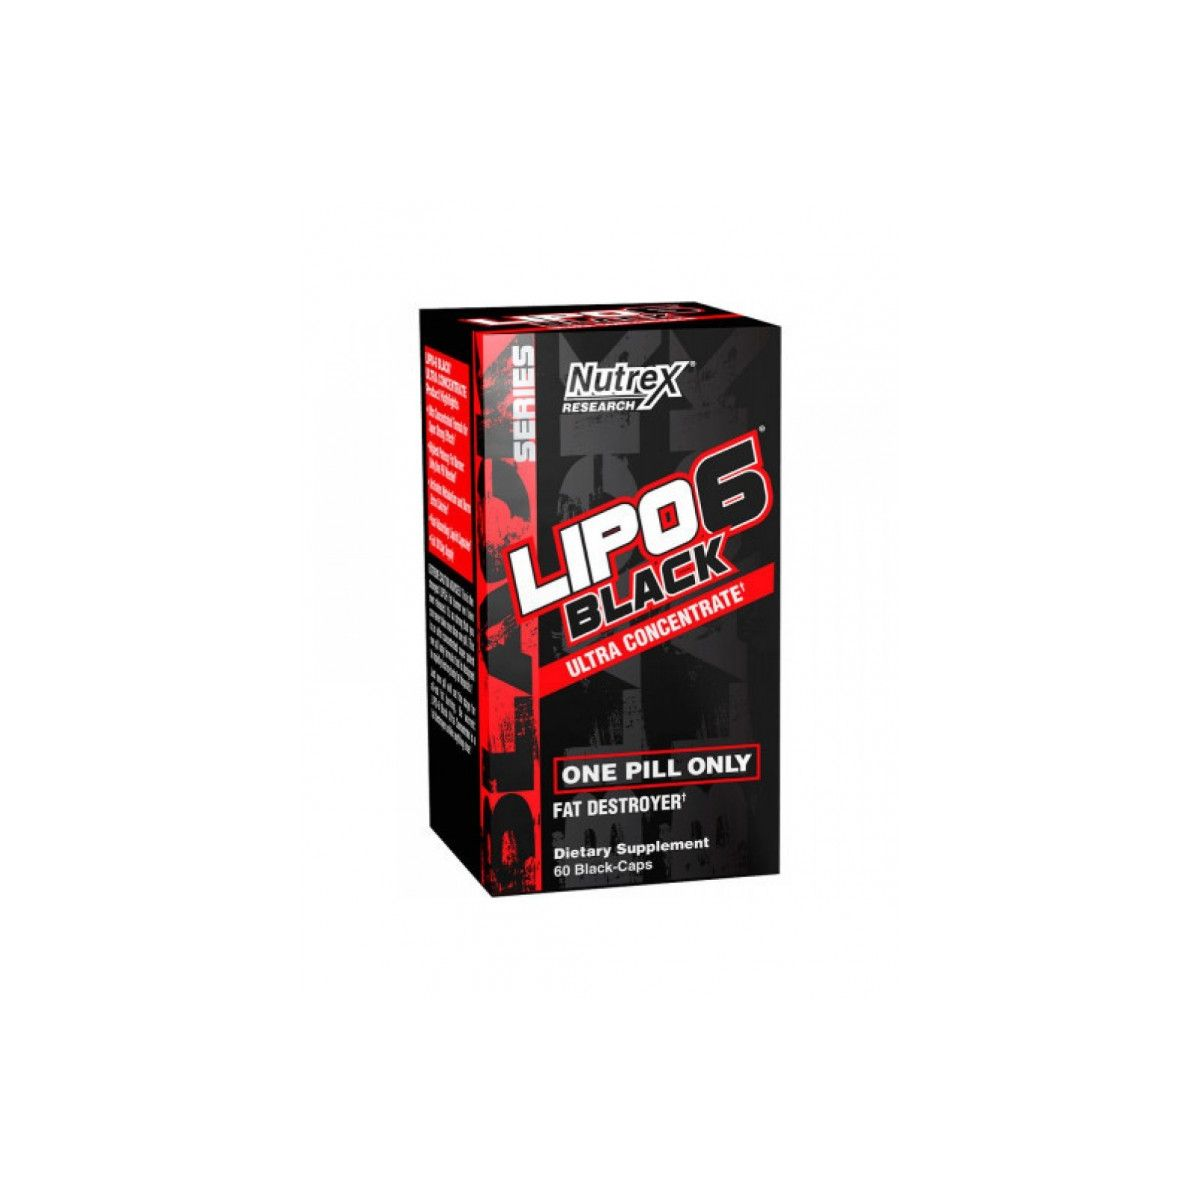 Lipo 6 black способ применения